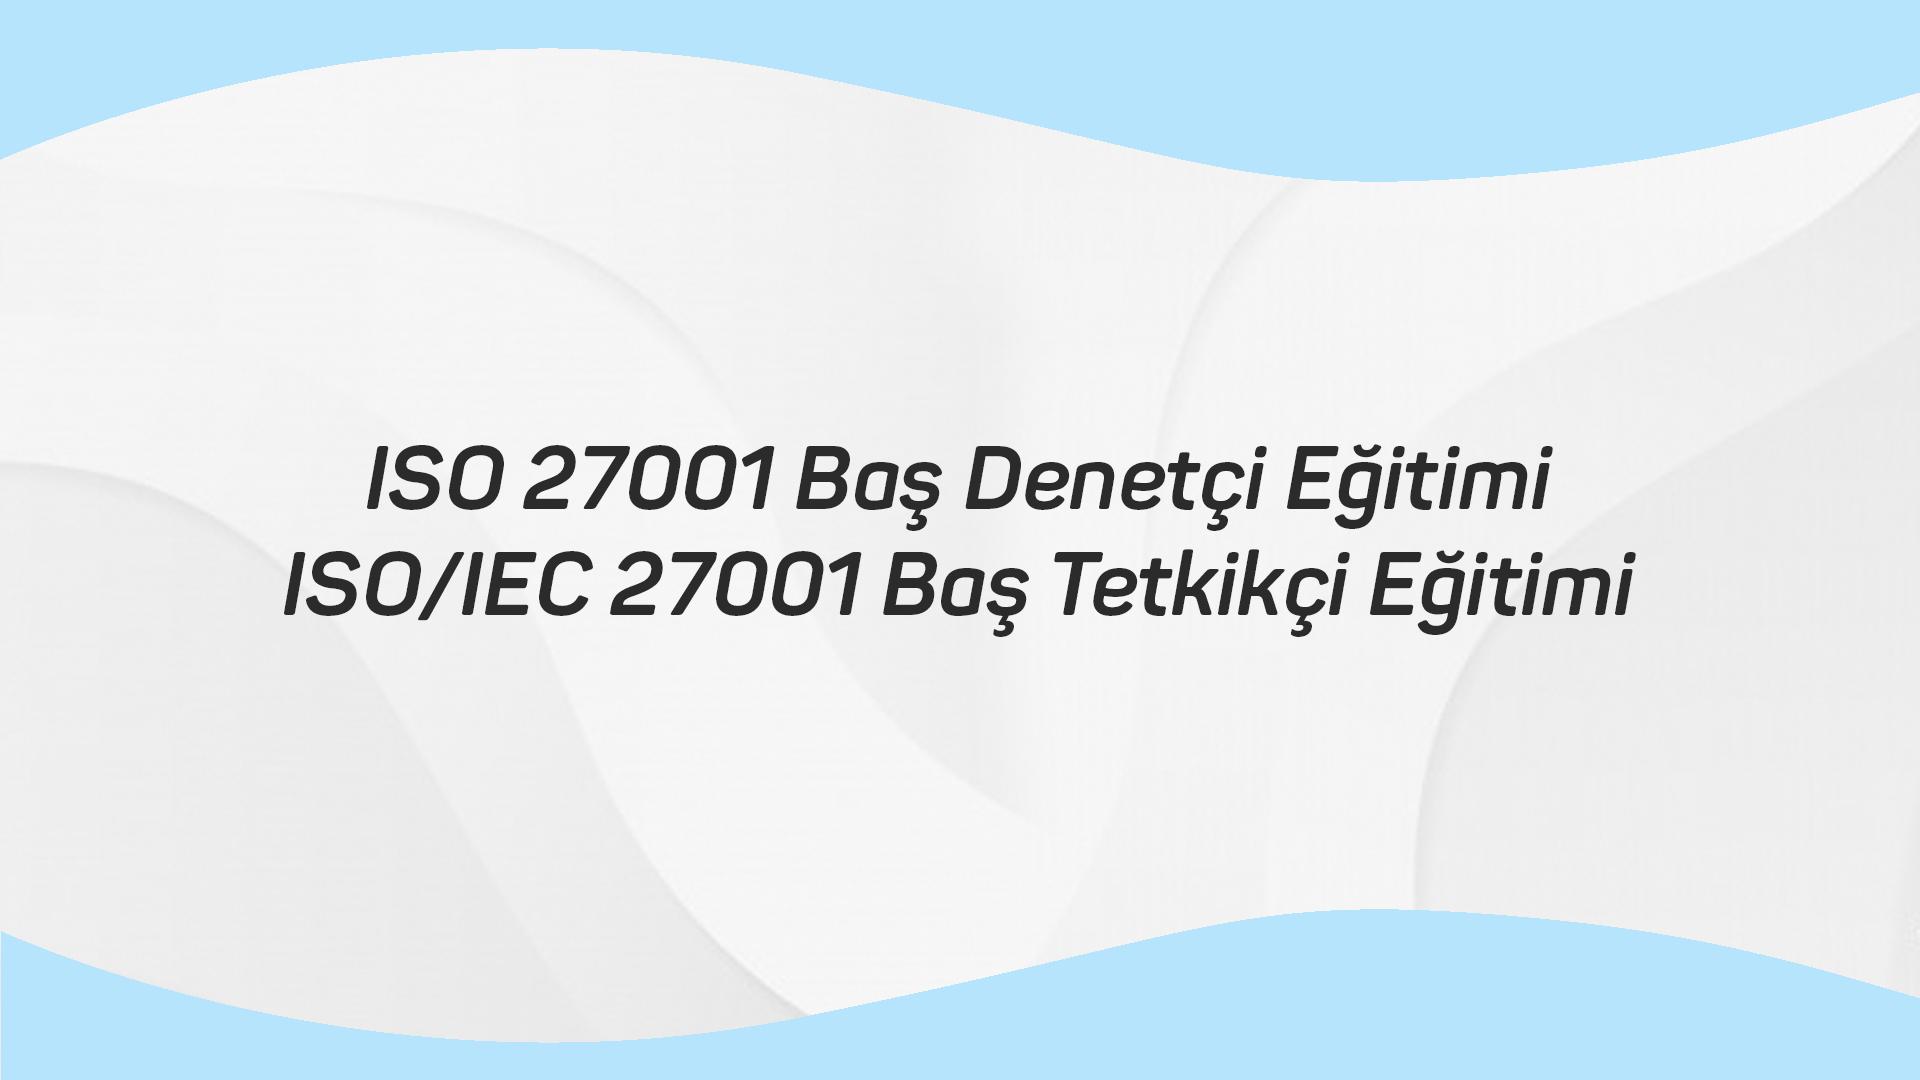 ISO 27001 Baş Denetçi Eğitimi